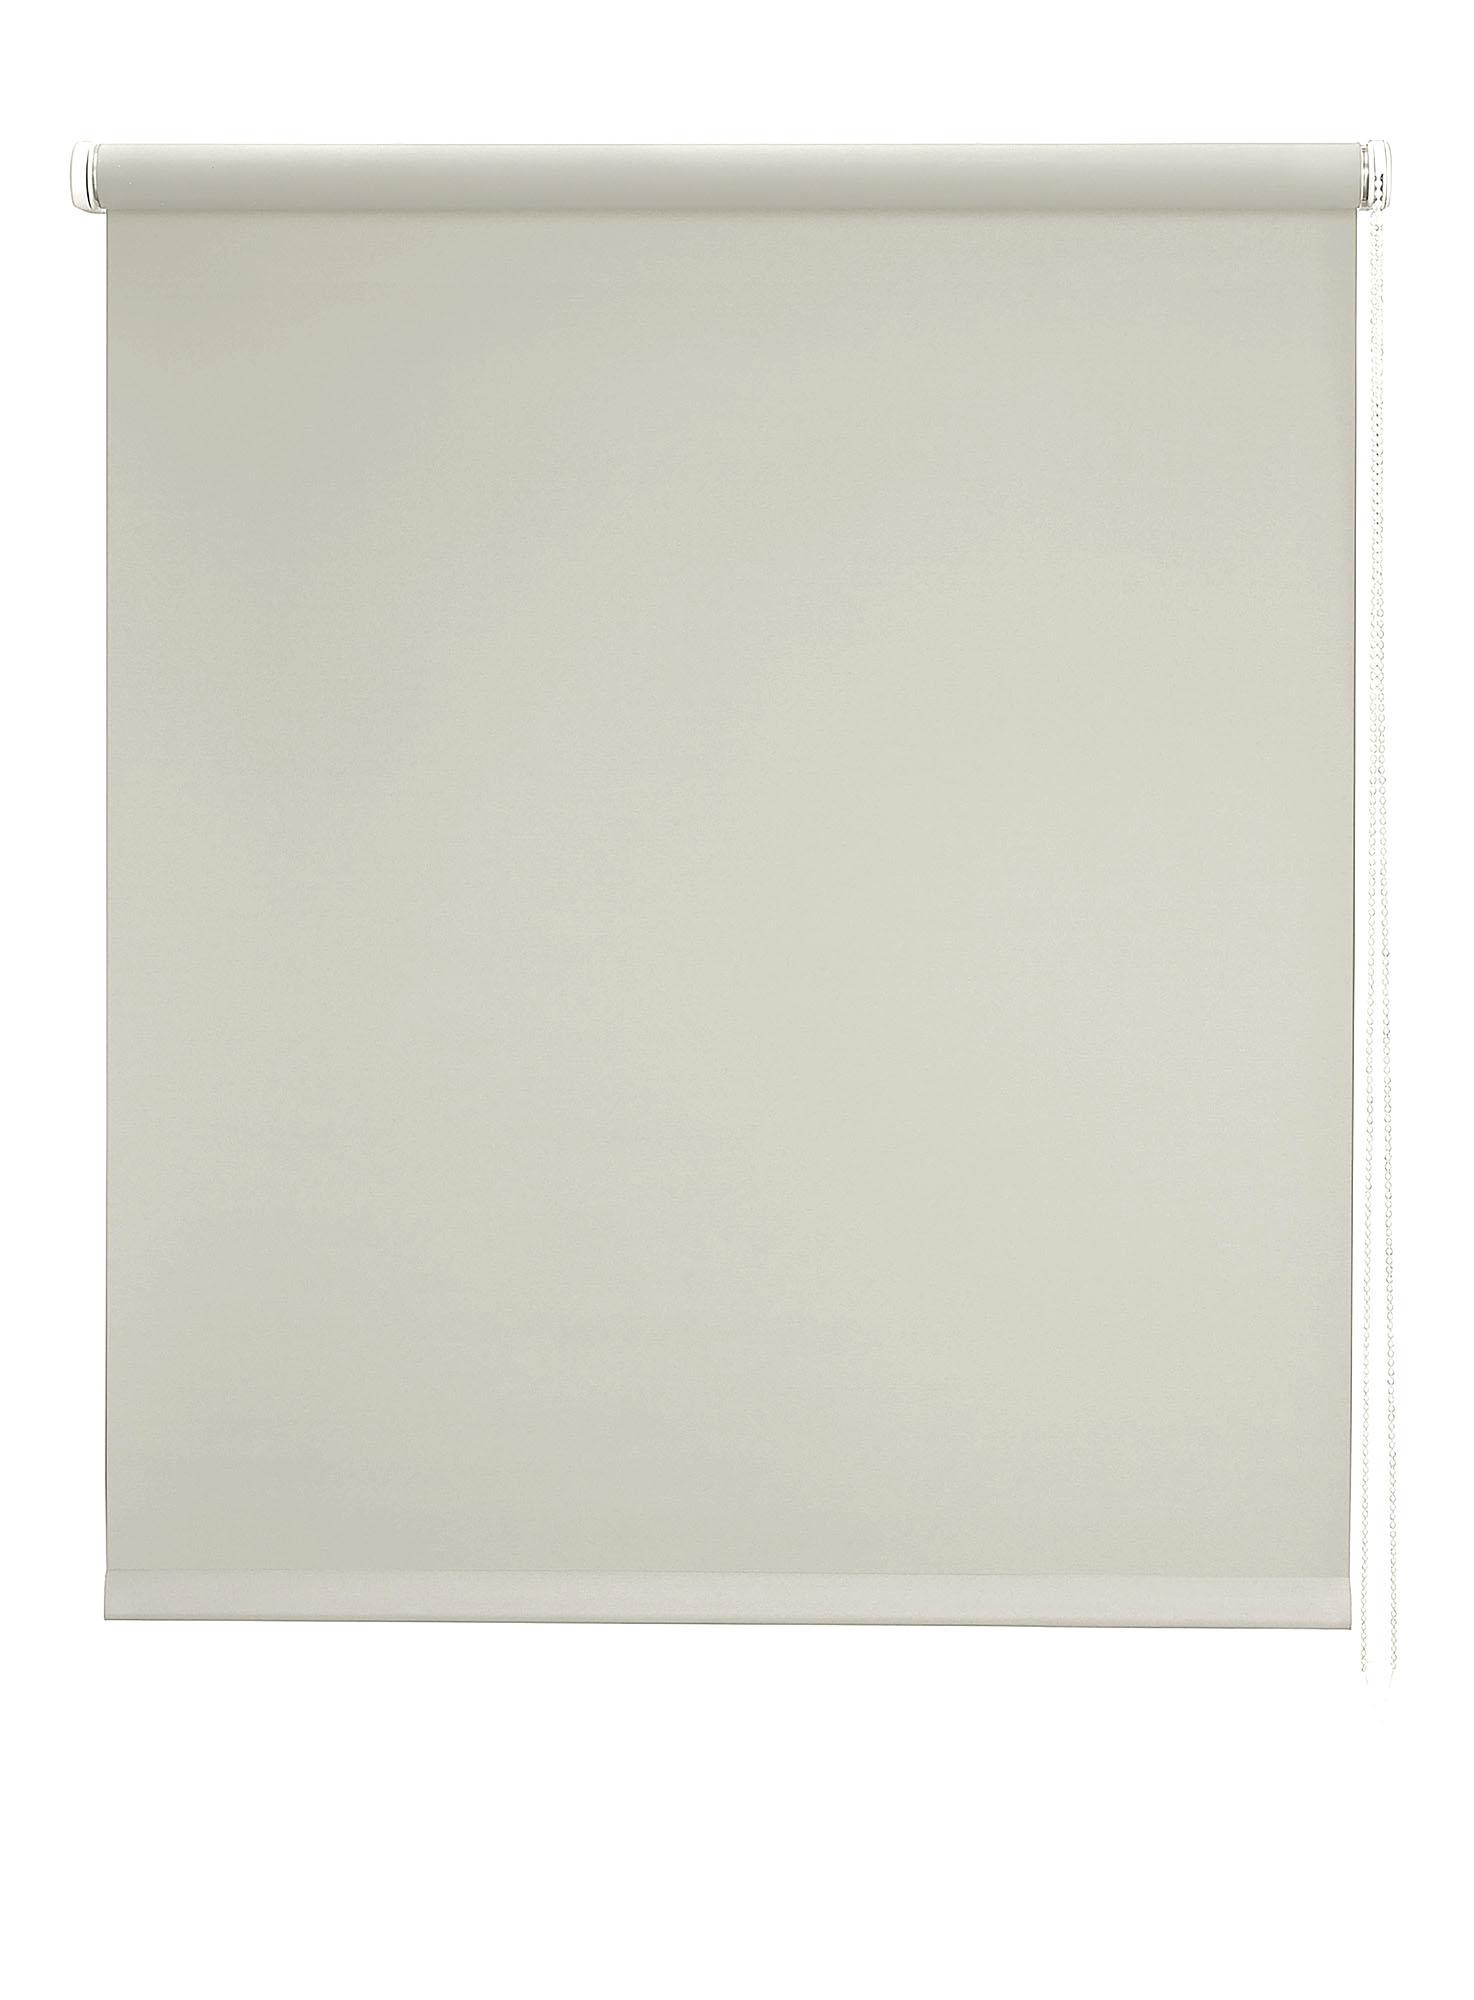 Store enrouleur Translucide - Écru - 180 x 250 cm